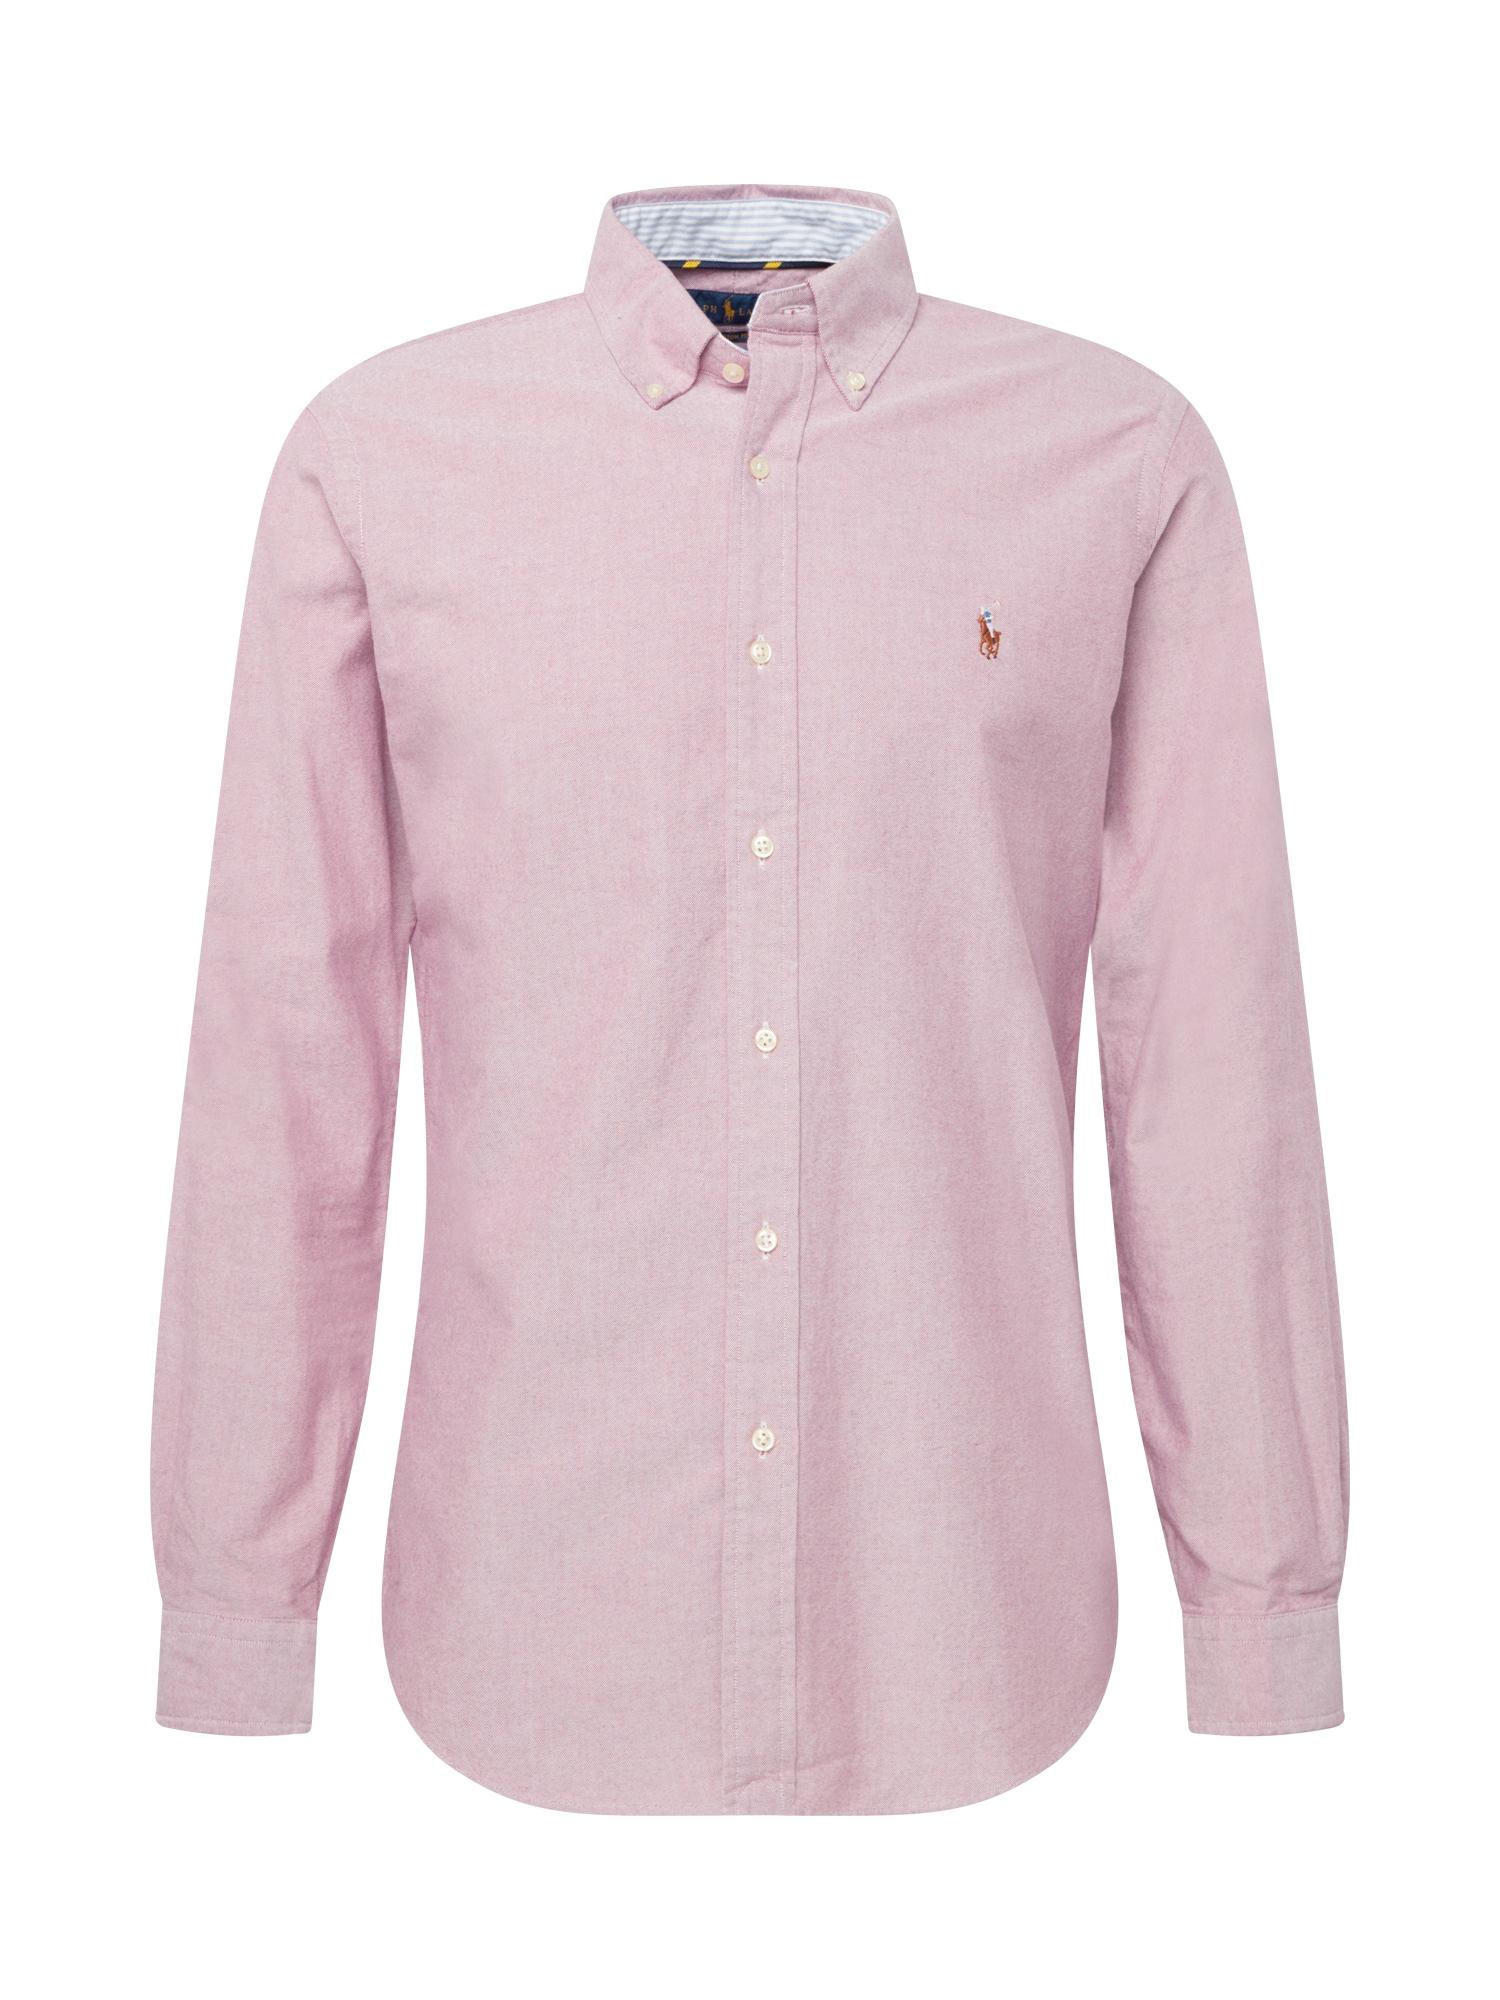 POLO RALPH LAUREN Marškiniai pastelinė raudona